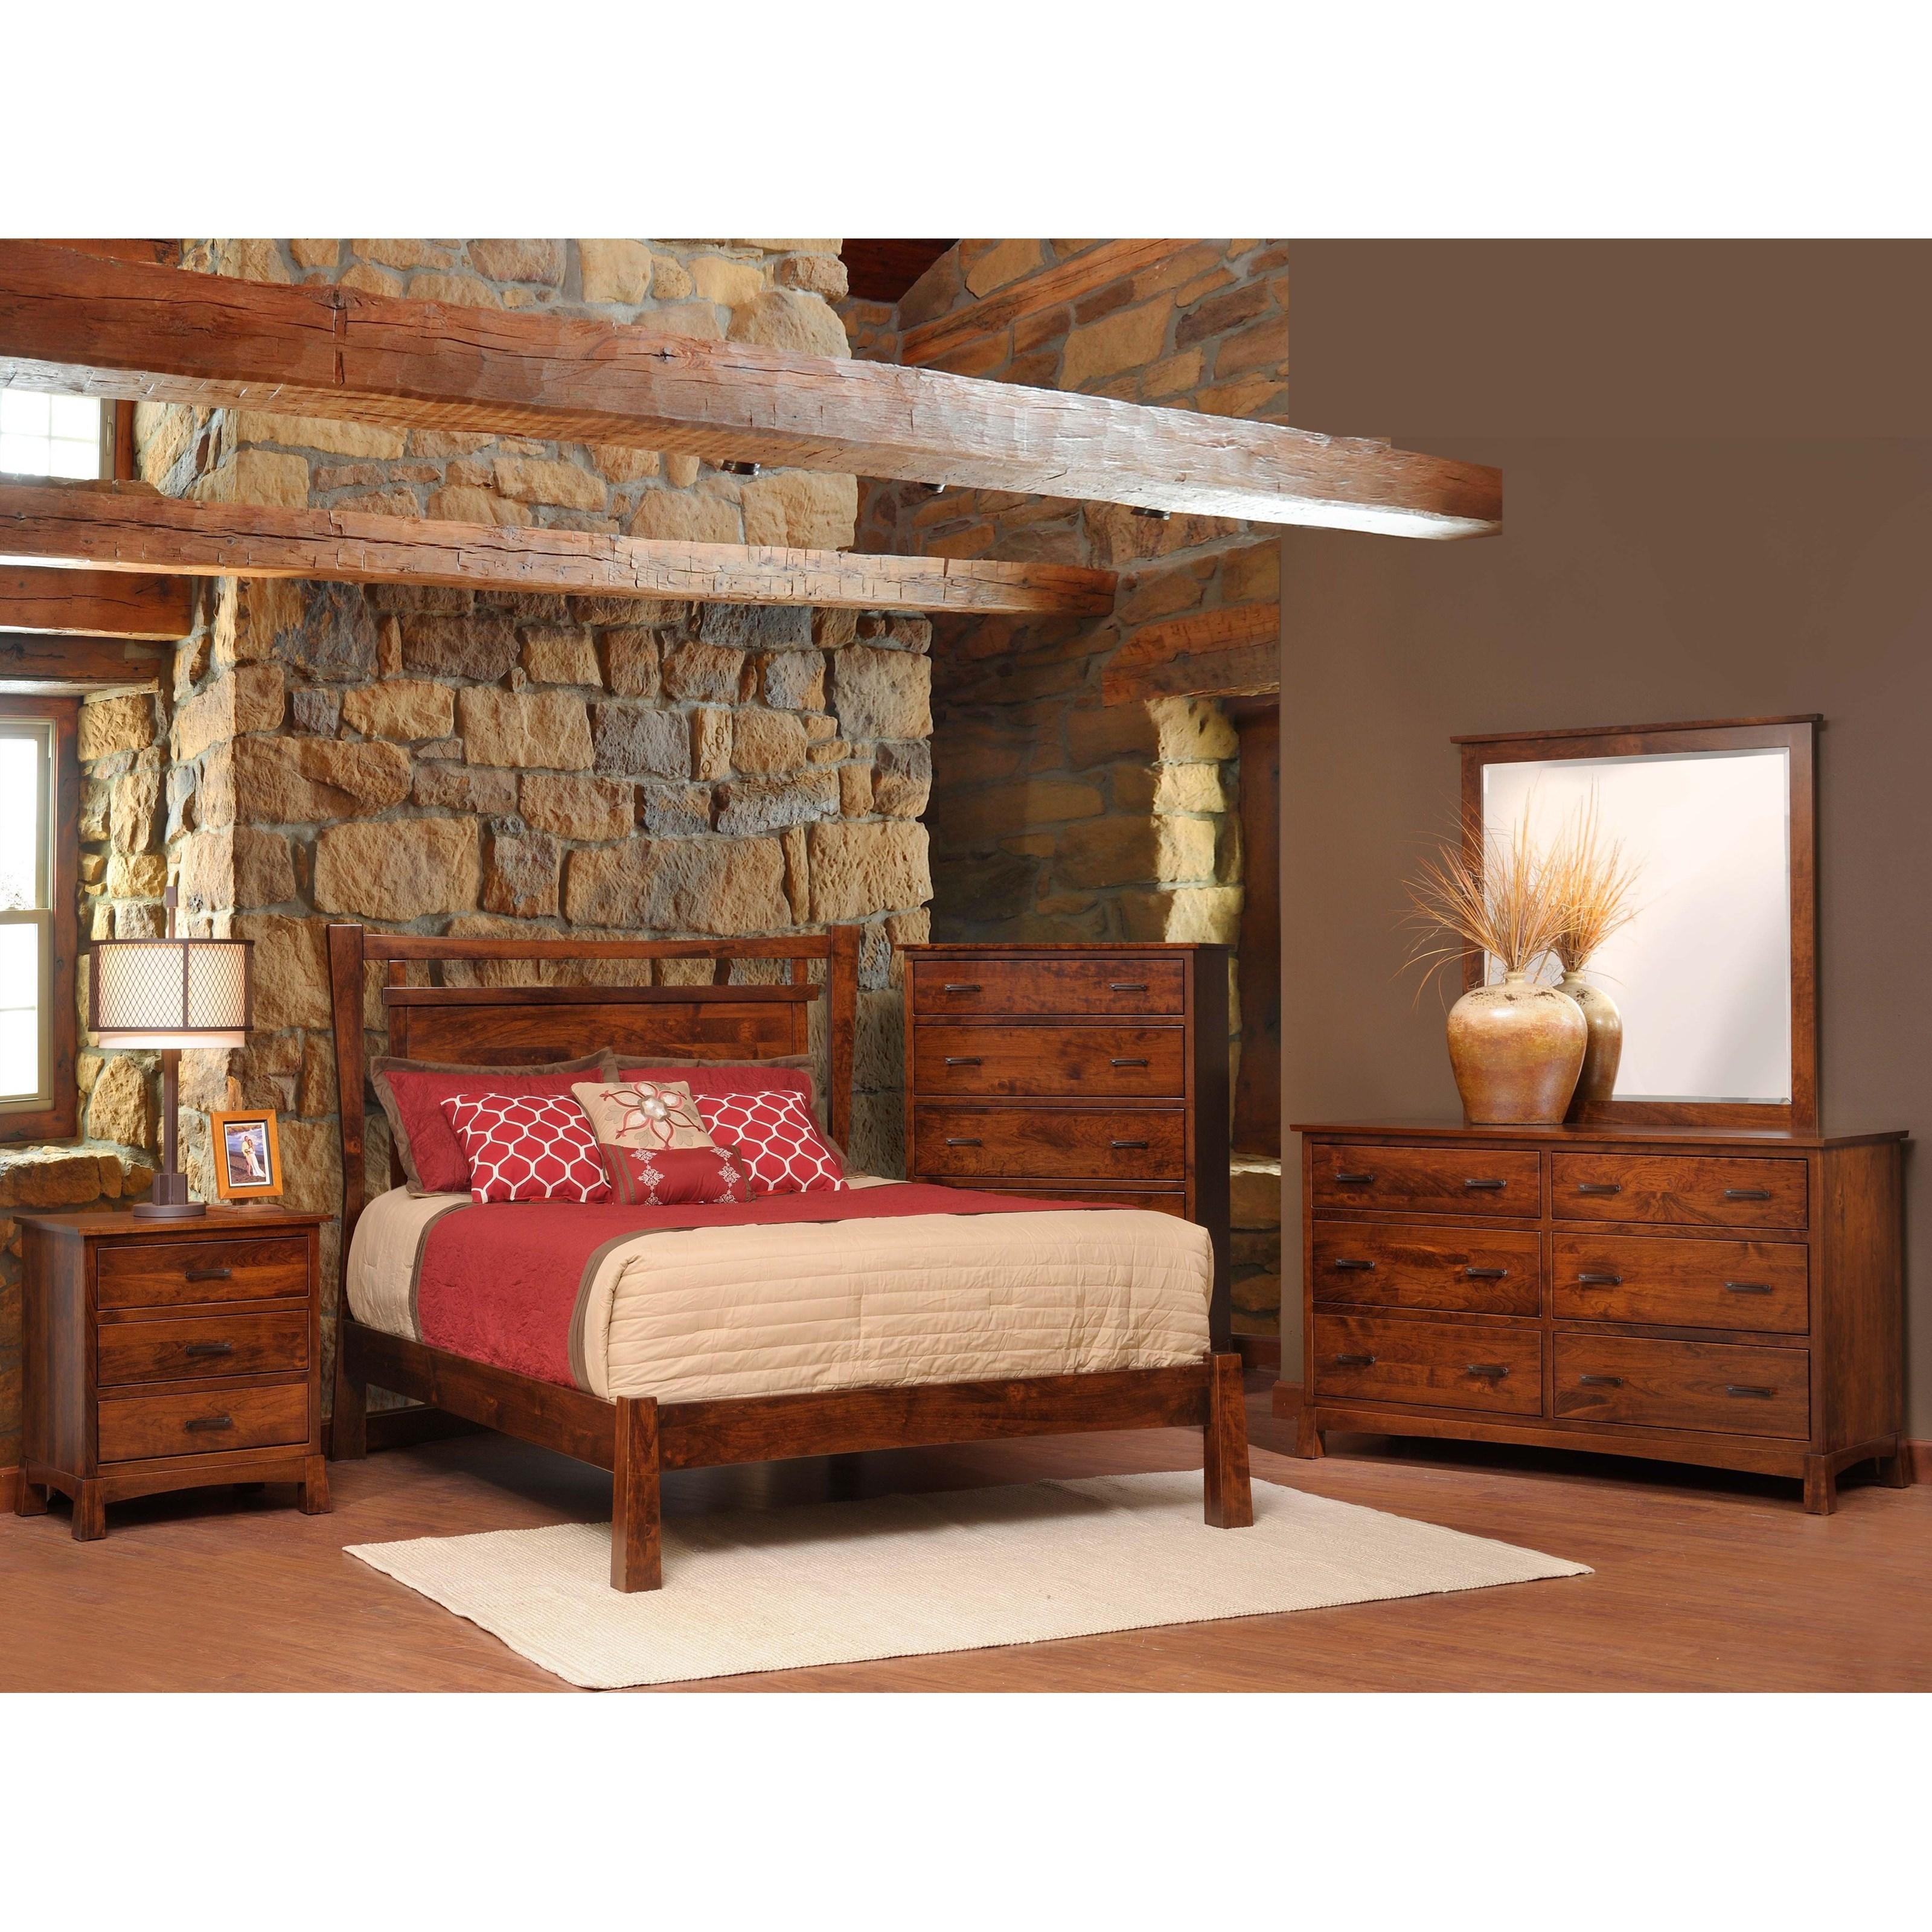 Catalina King Bedroom Group at Williams & Kay